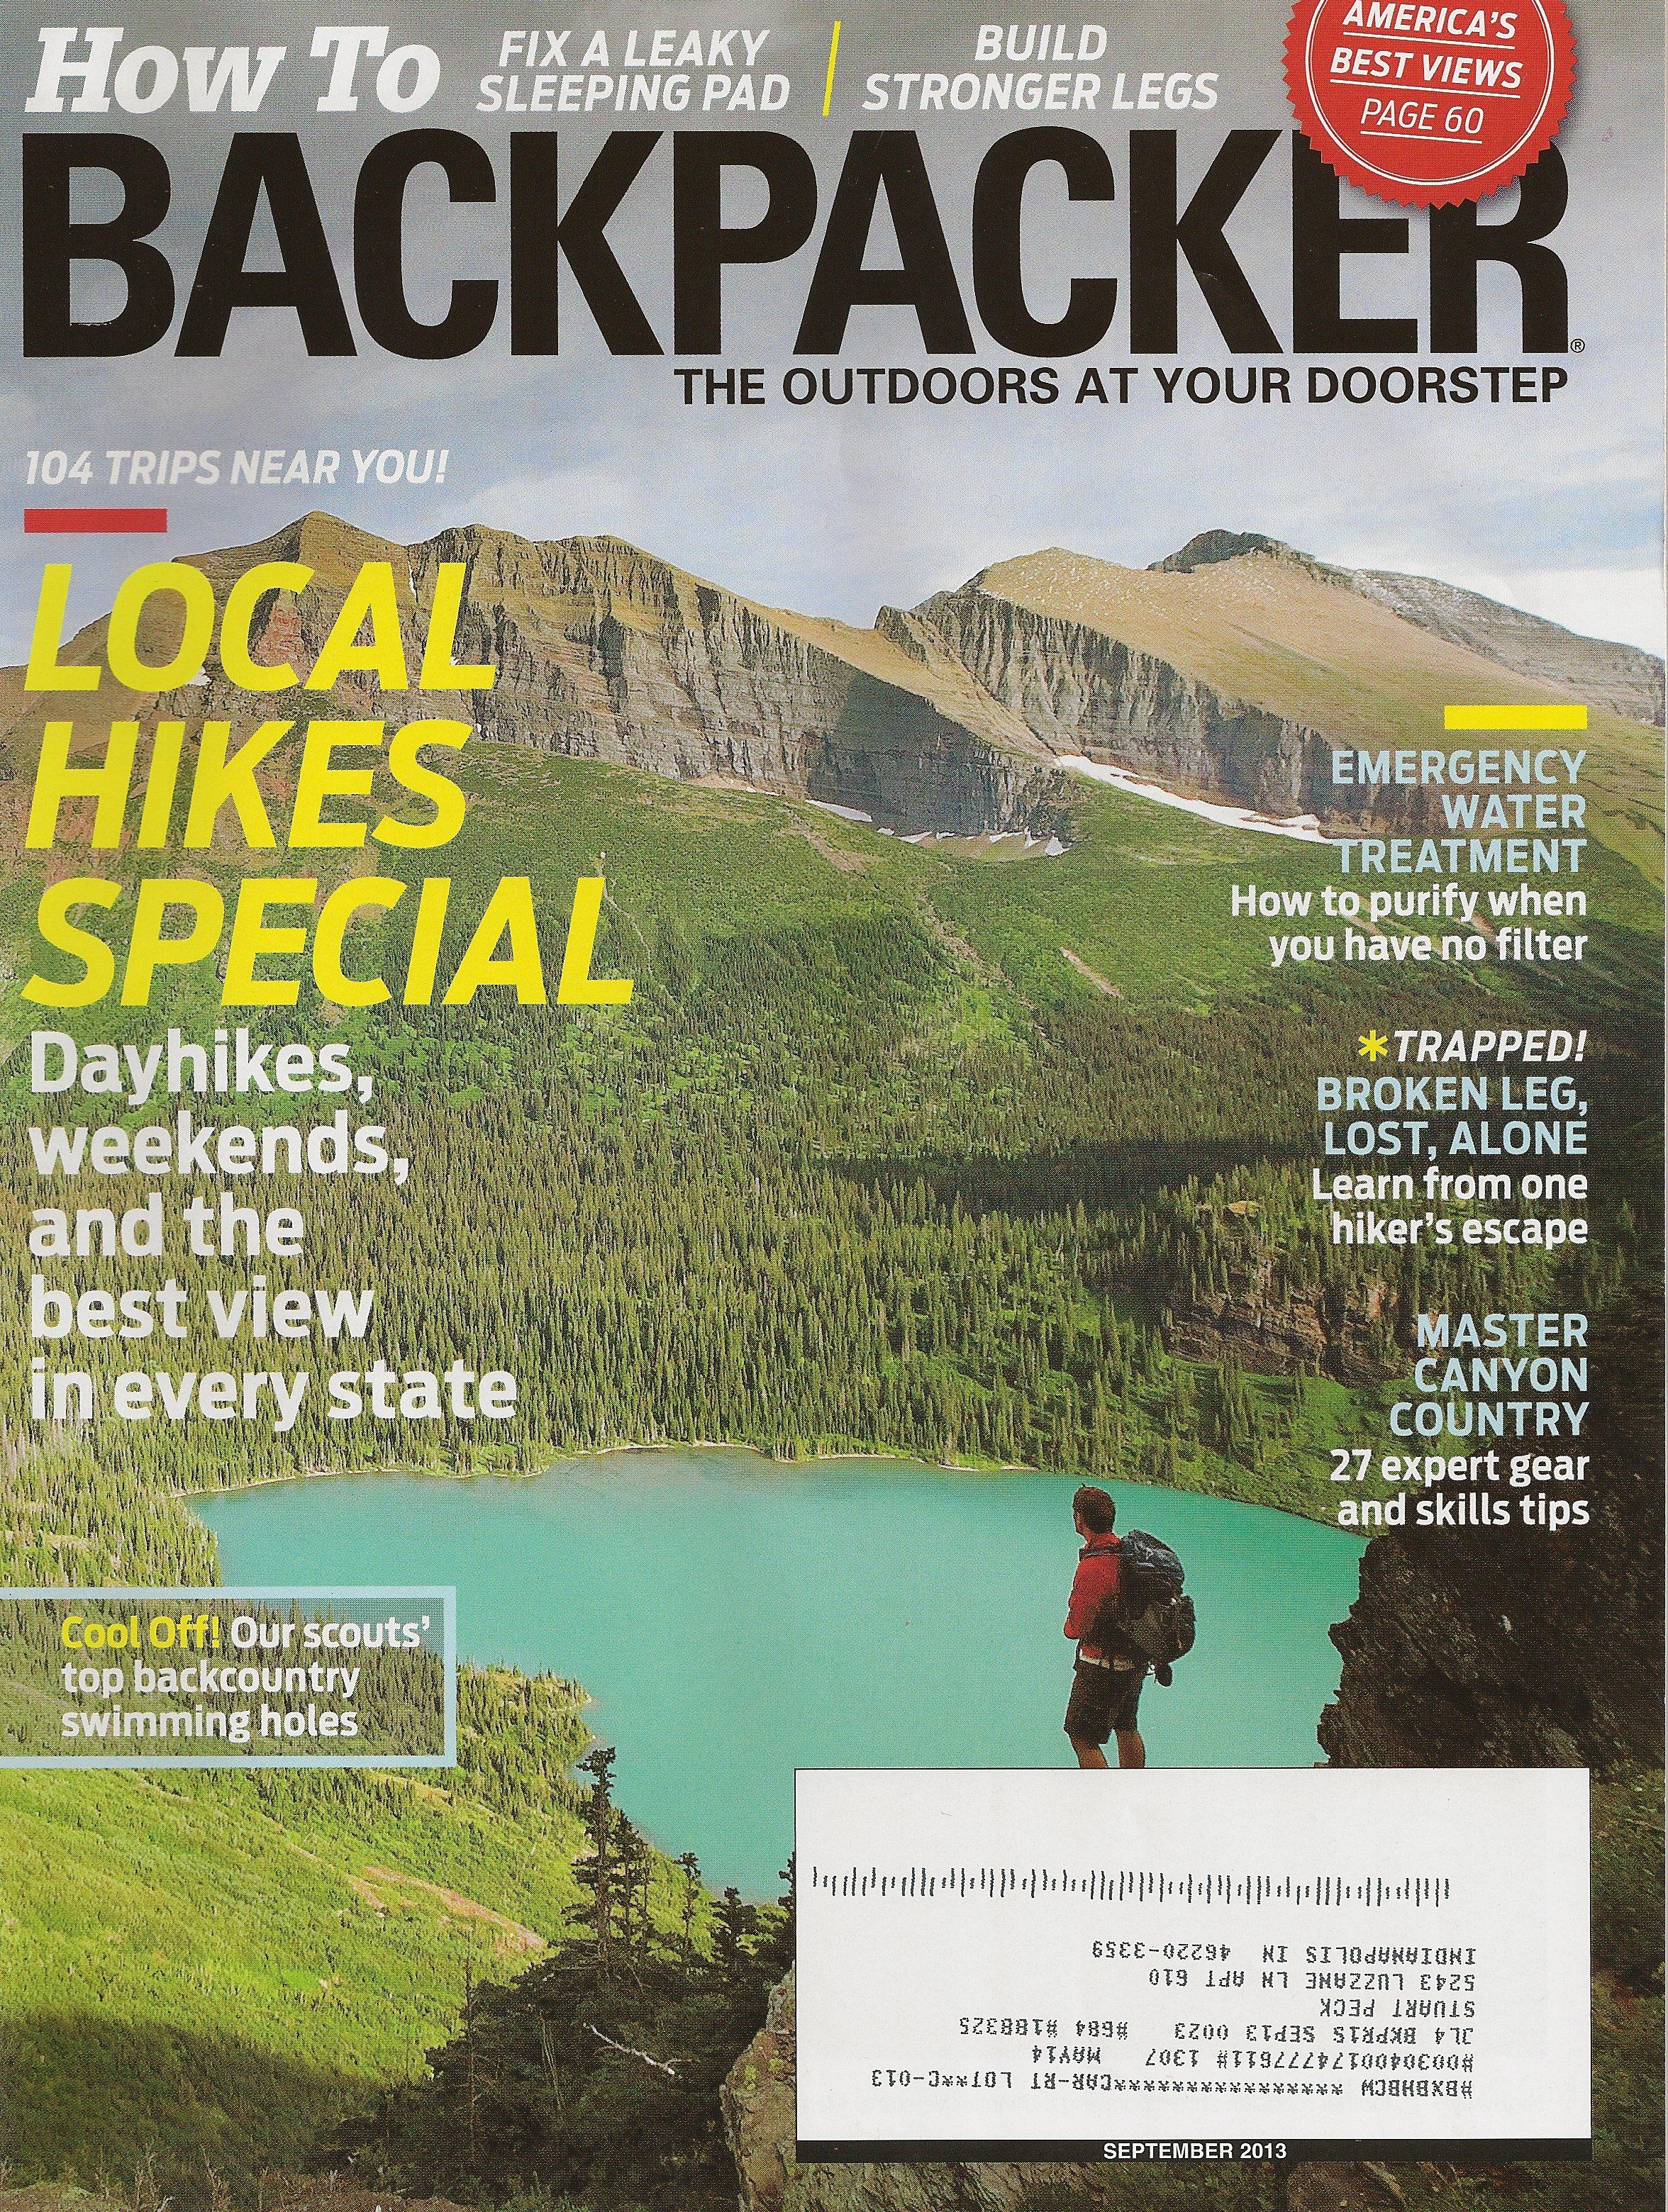 River to River Trail       BACKPACKER magazine - September 2013